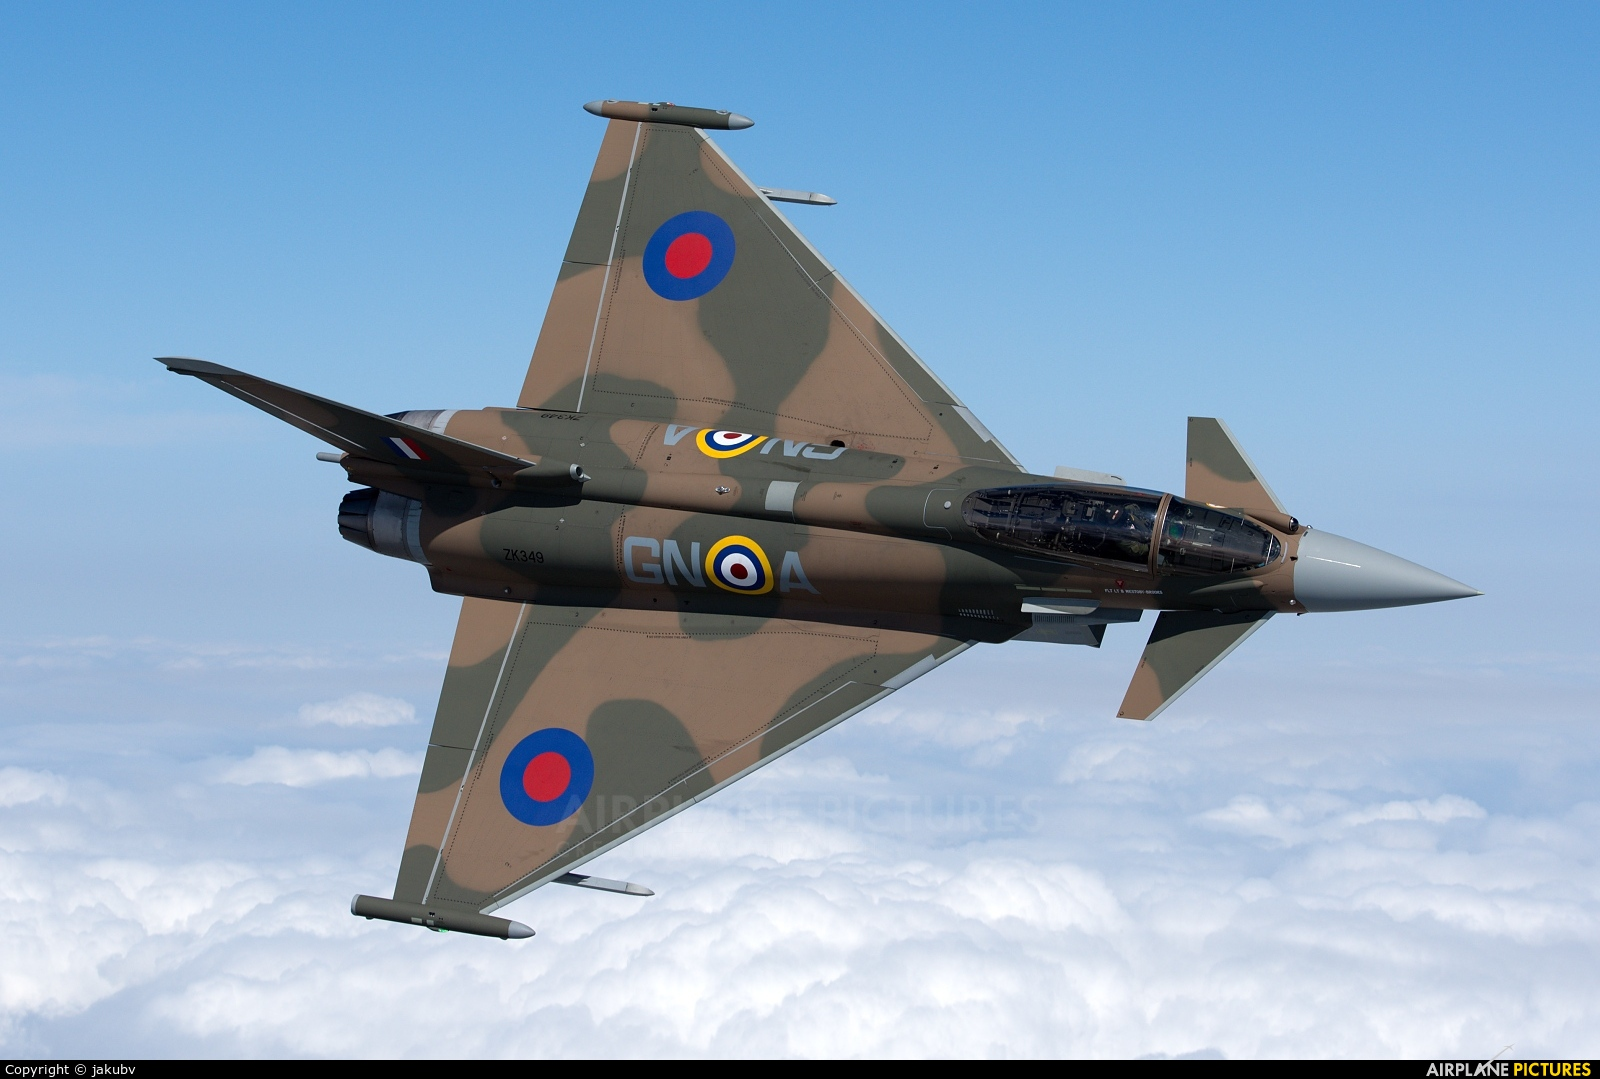 Royal Air Force ZK349 aircraft at